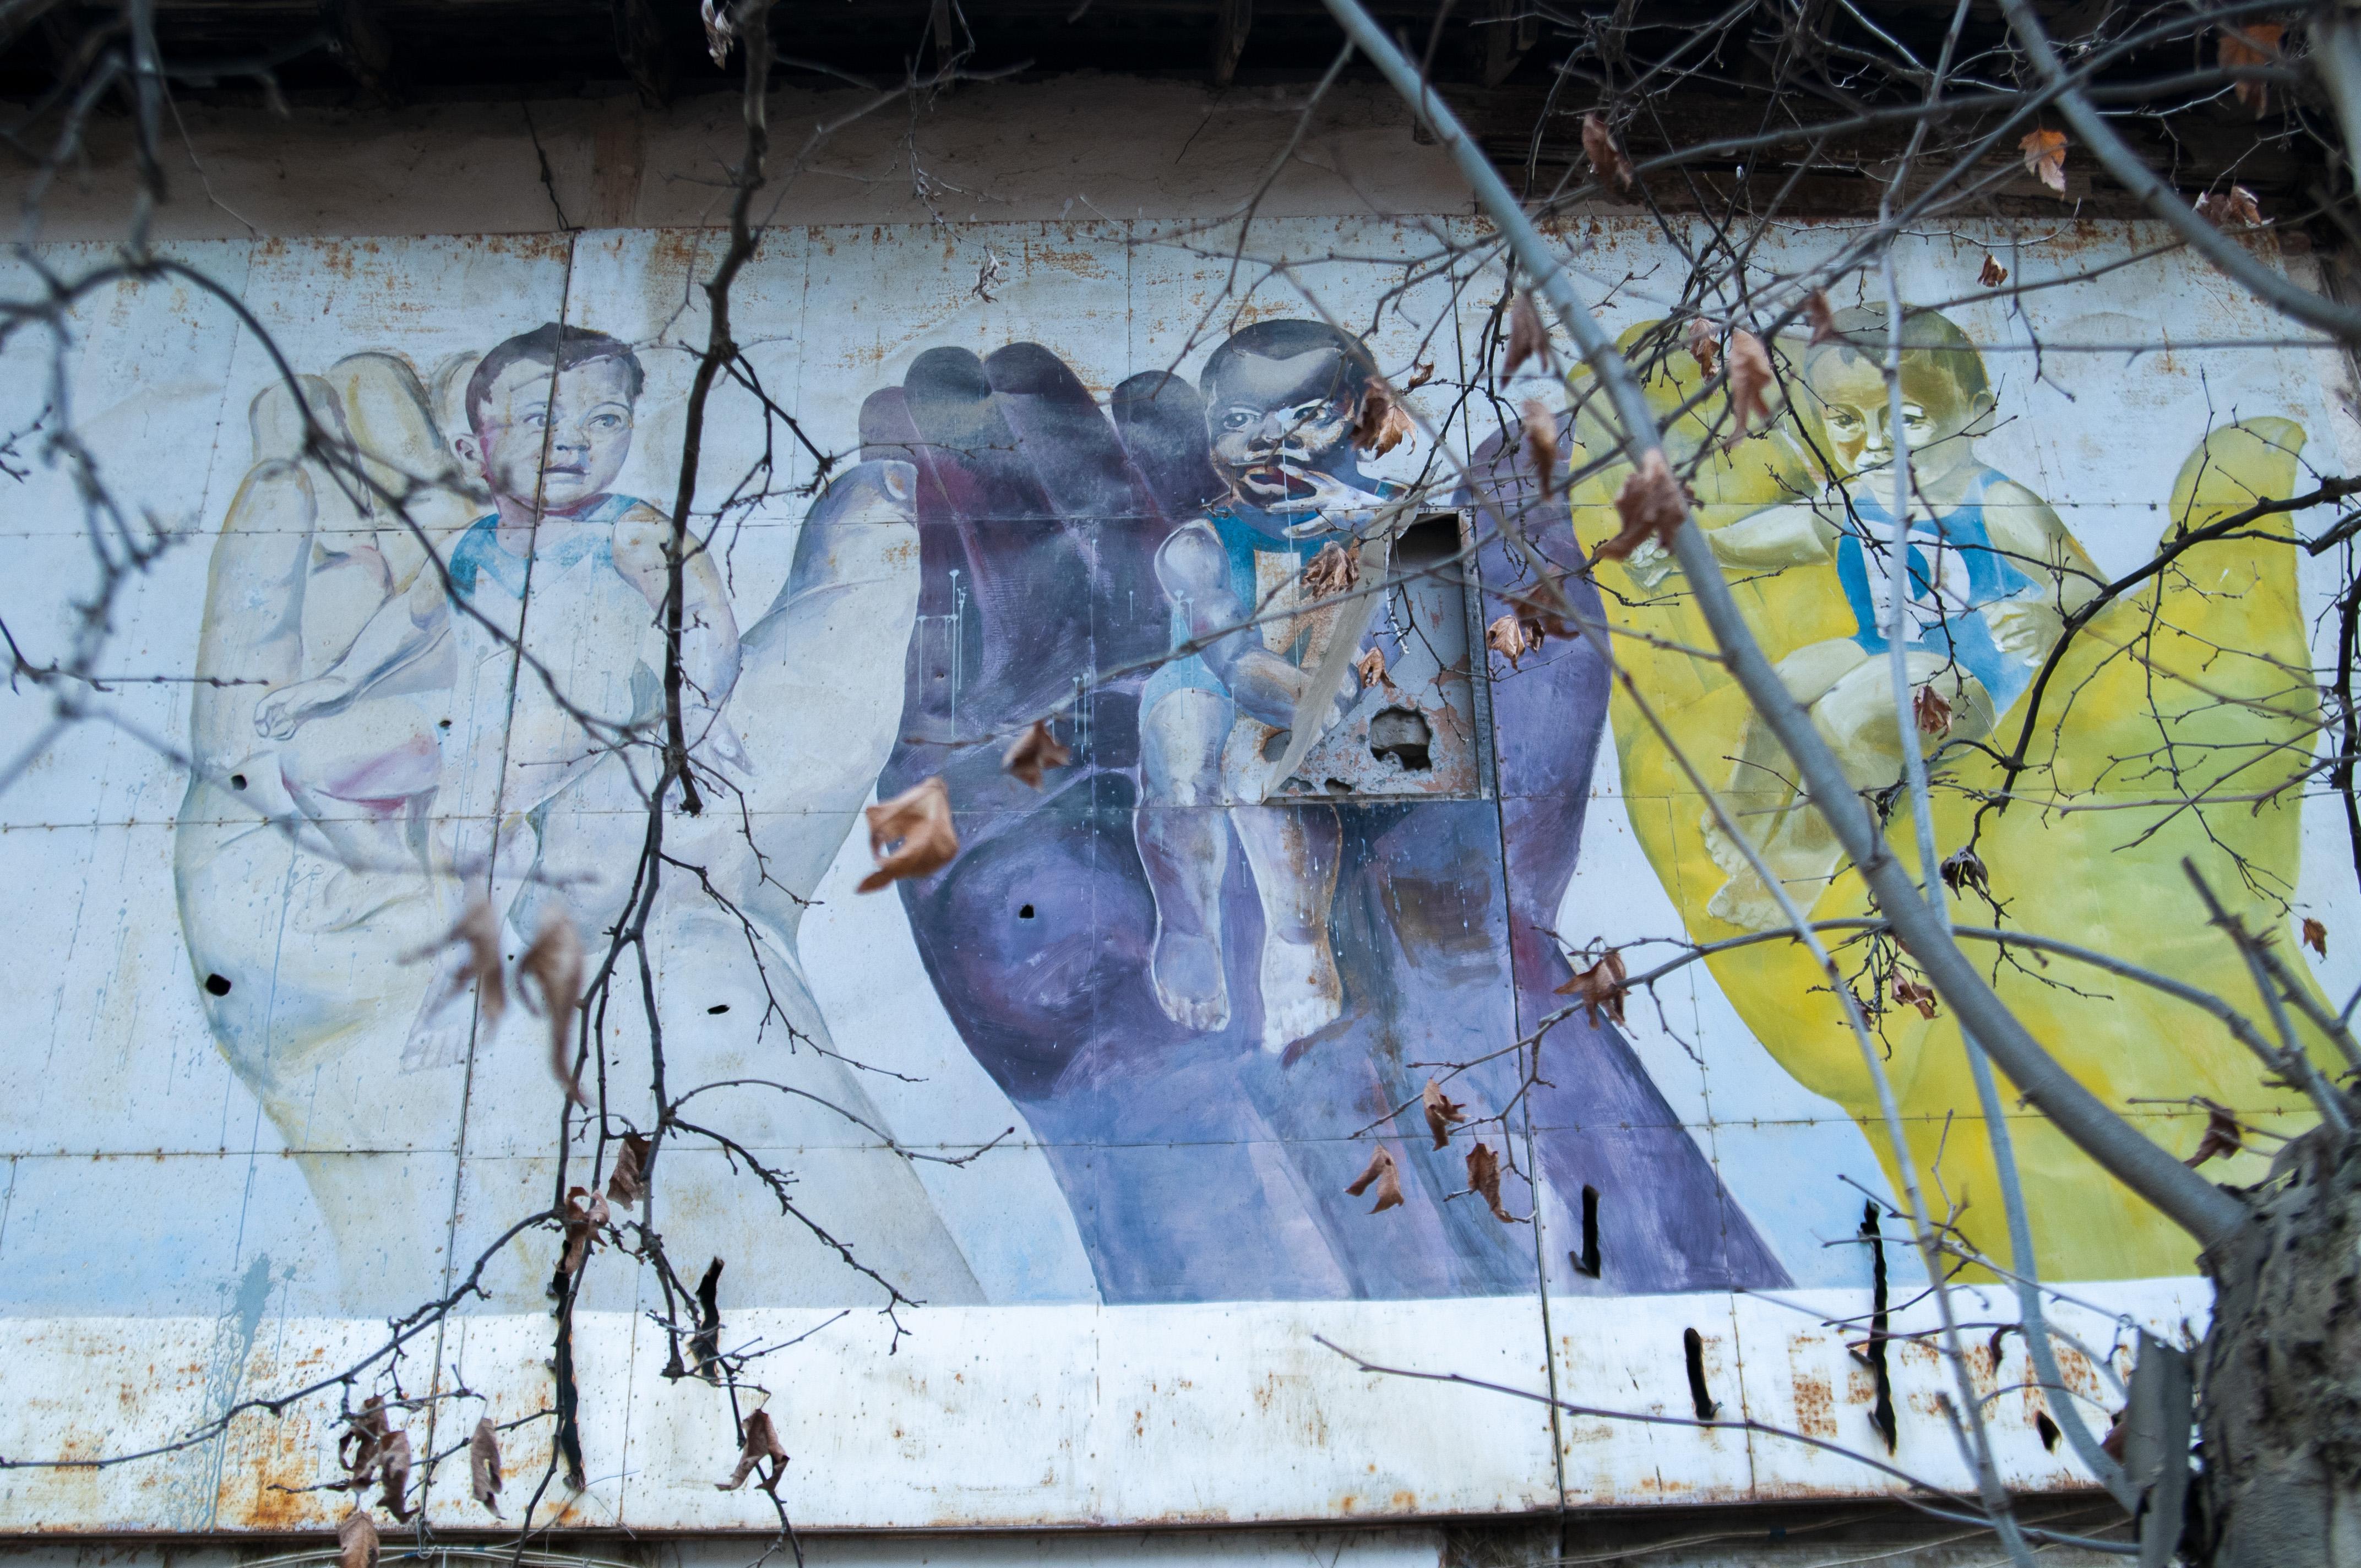 Soviet mural by pcg for avc